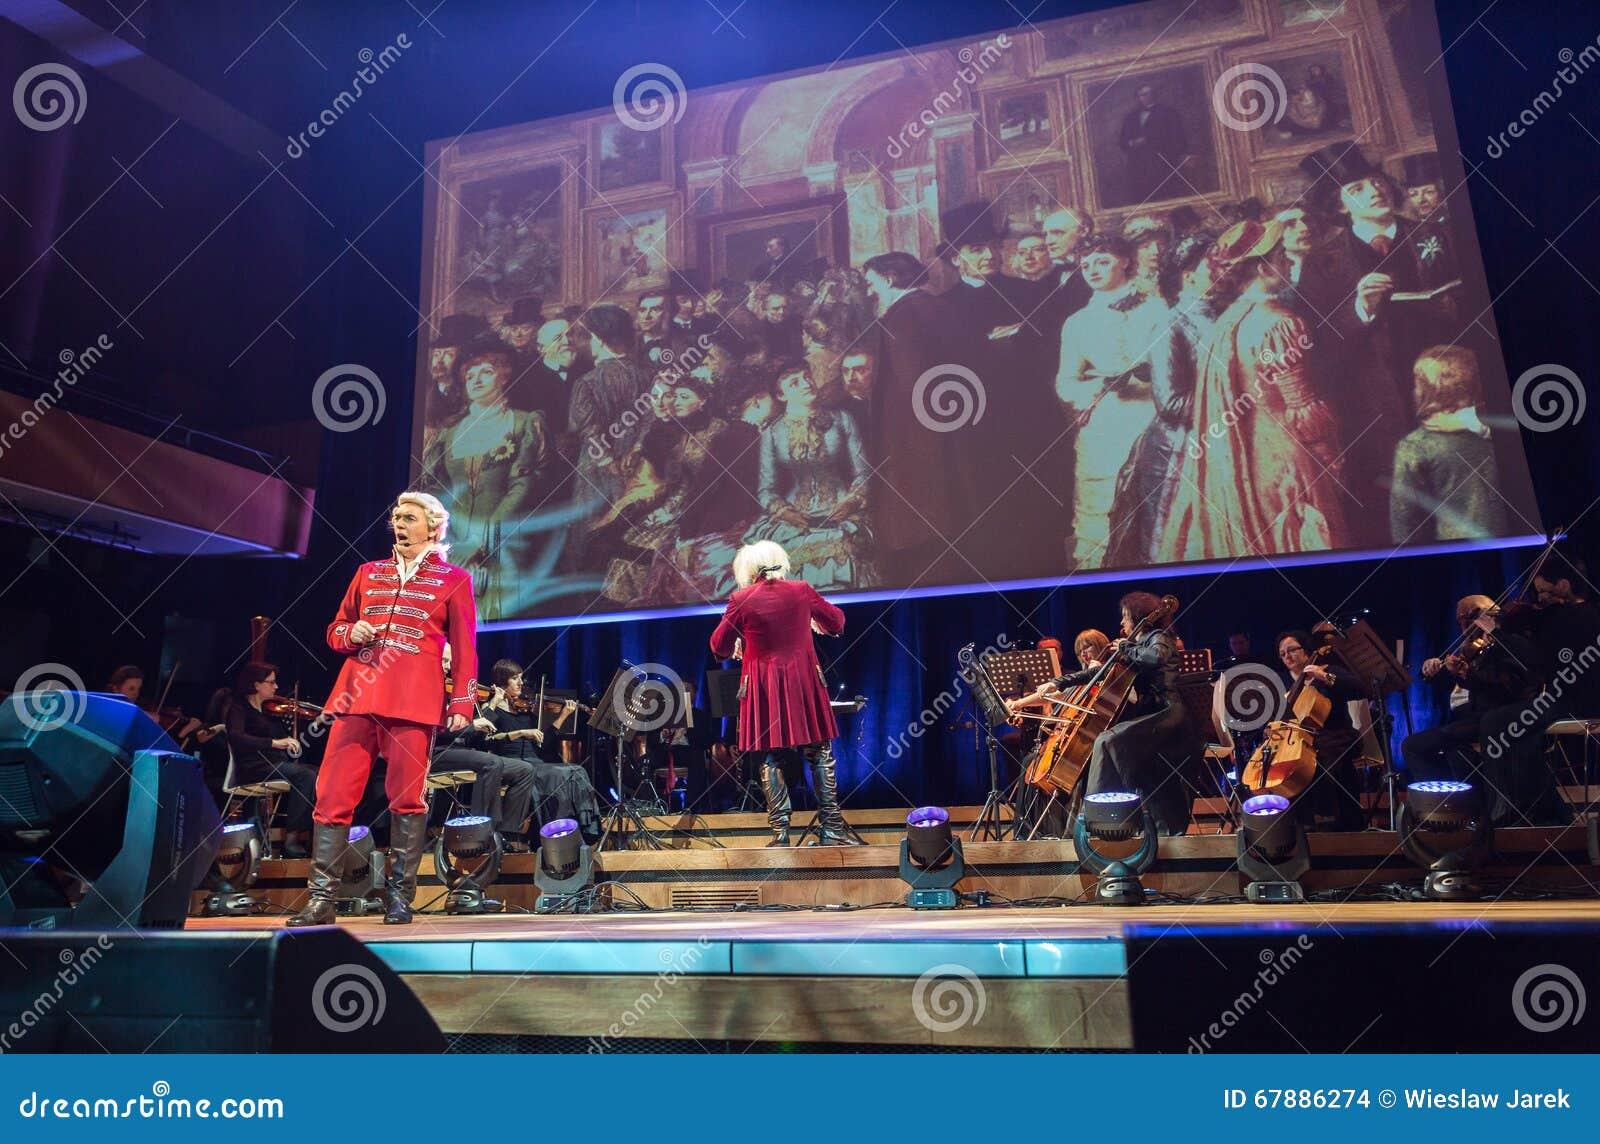 以Filharmonia Futura和M为特色的景象 Walewska -歌剧是生活,